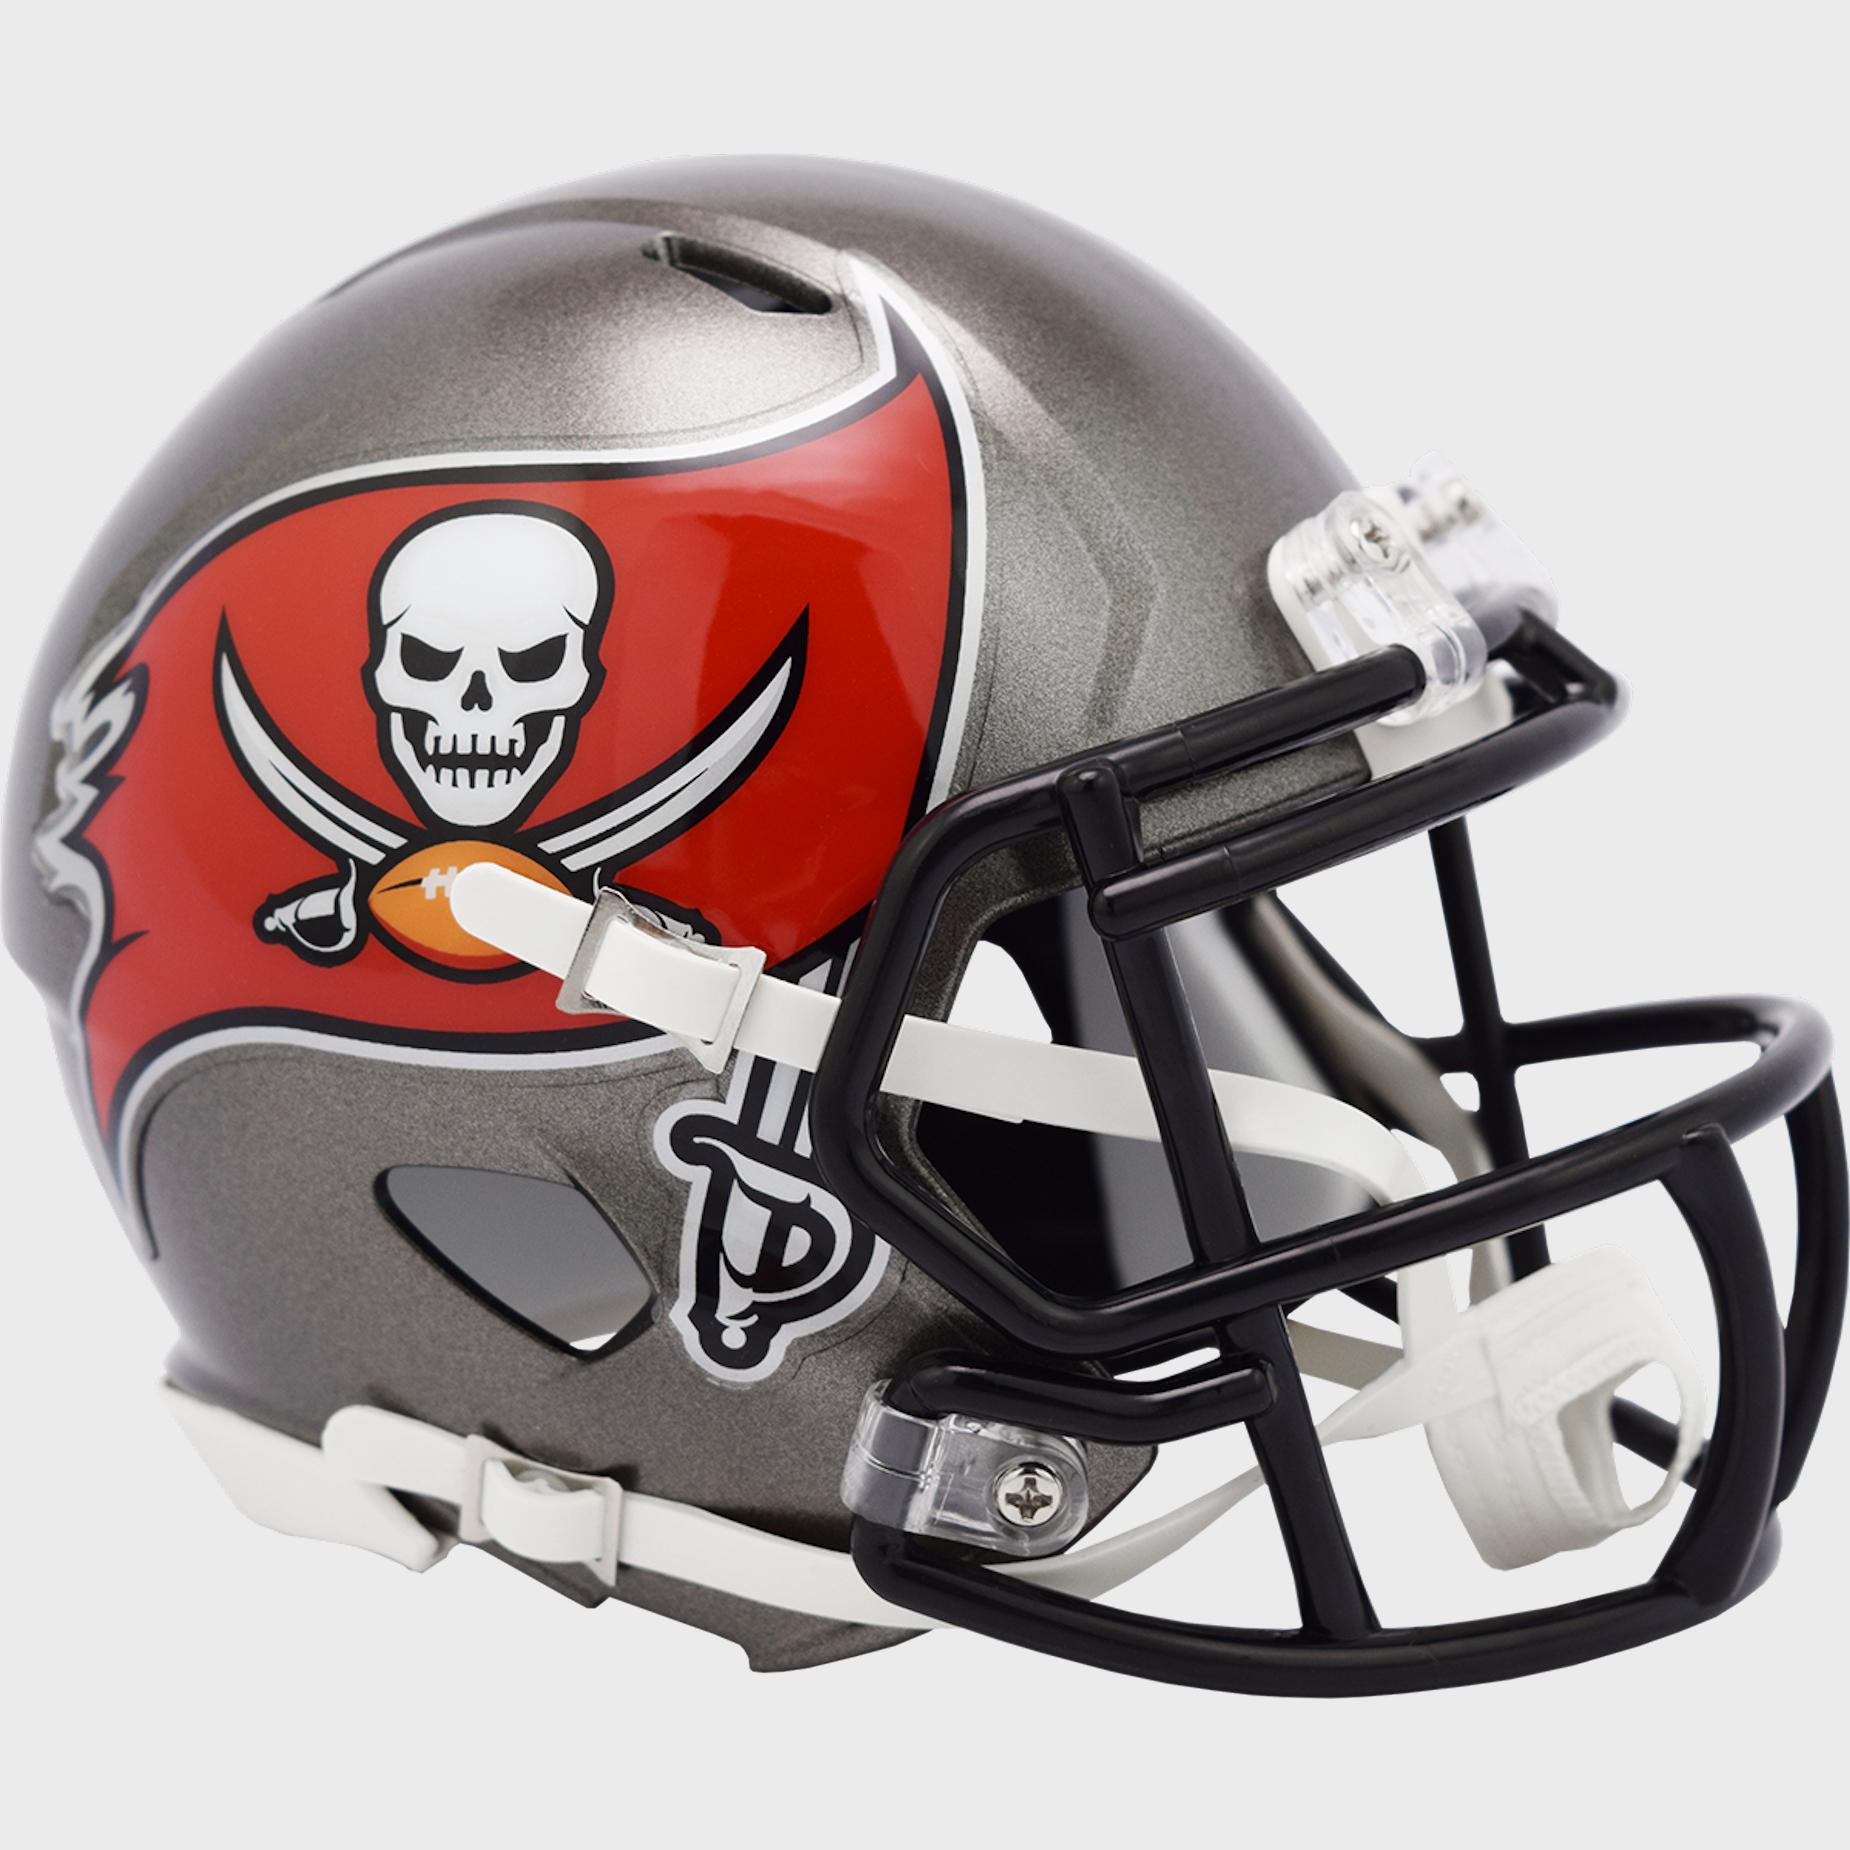 Tampa Bay Buccaneers NFL Mini Speed Football Helmet <B>NEW 2020</B>